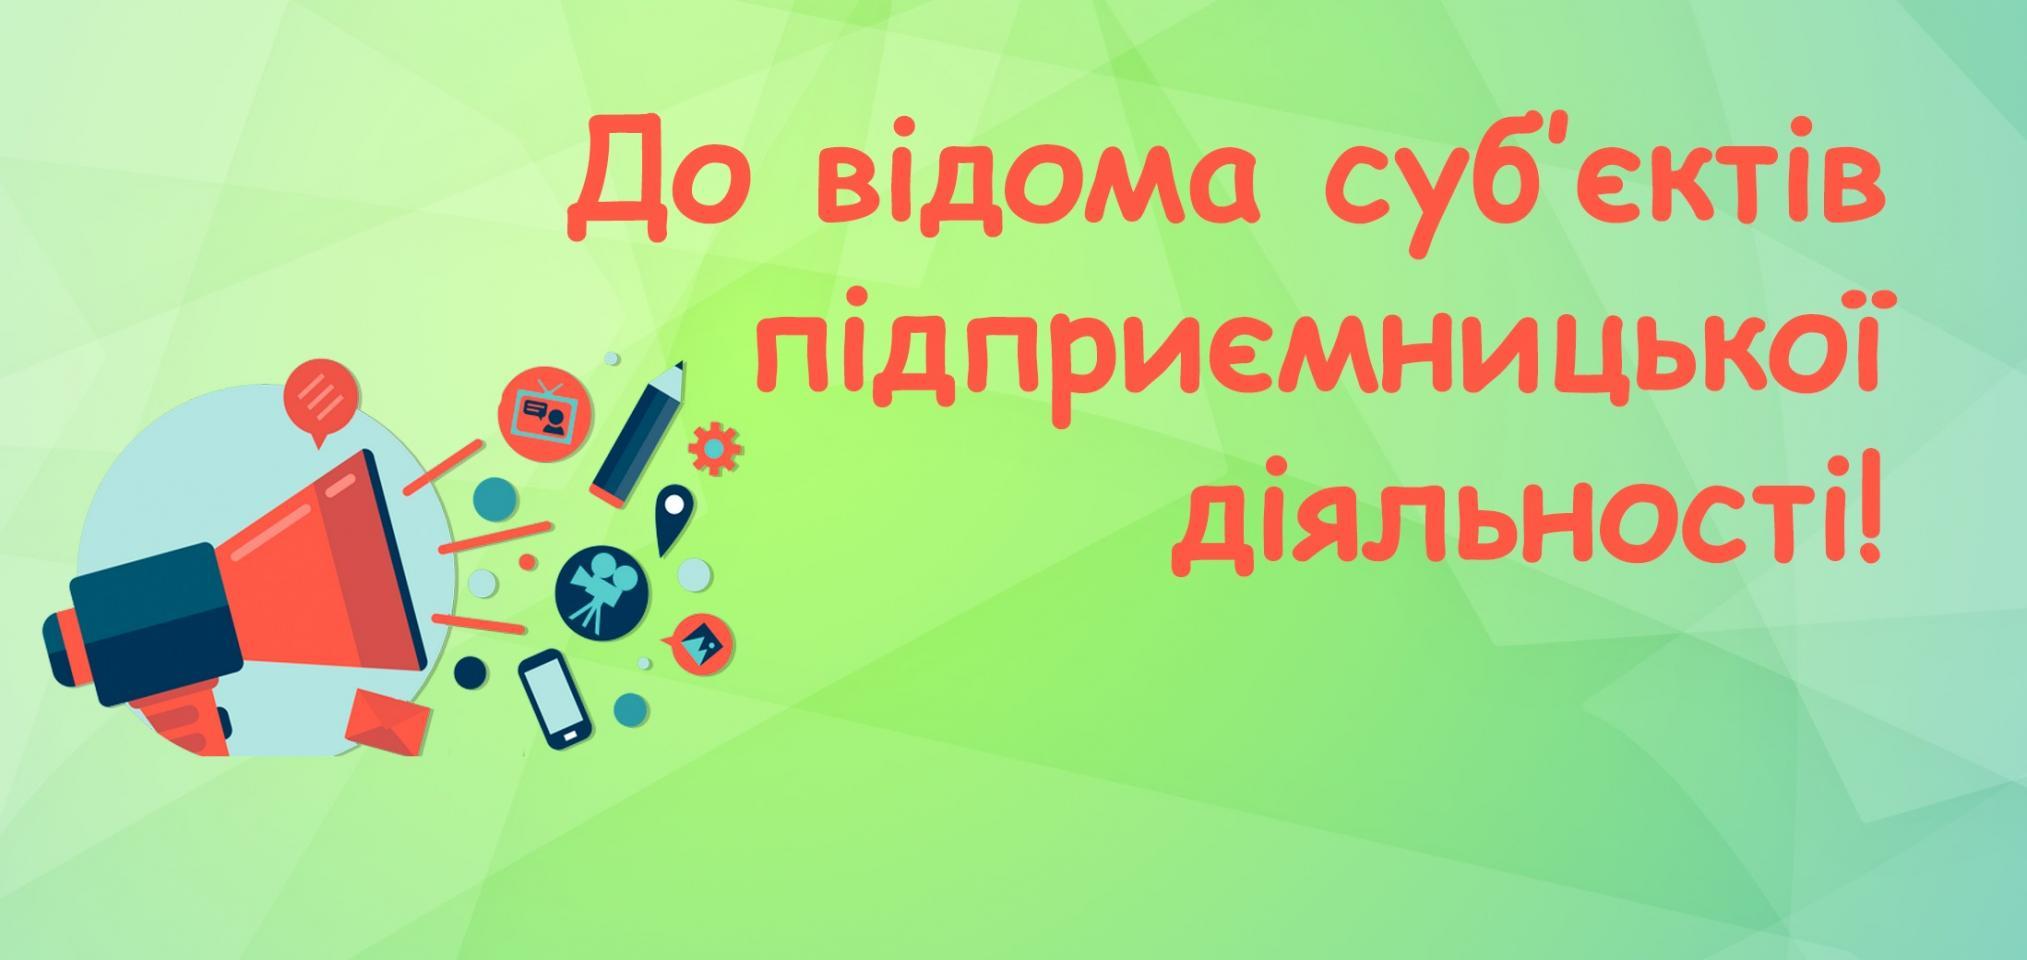 http://dunrada.gov.ua/uploadfile/archive_news/2021/09/13/2021-09-13_9124/images/images-99831.jpg